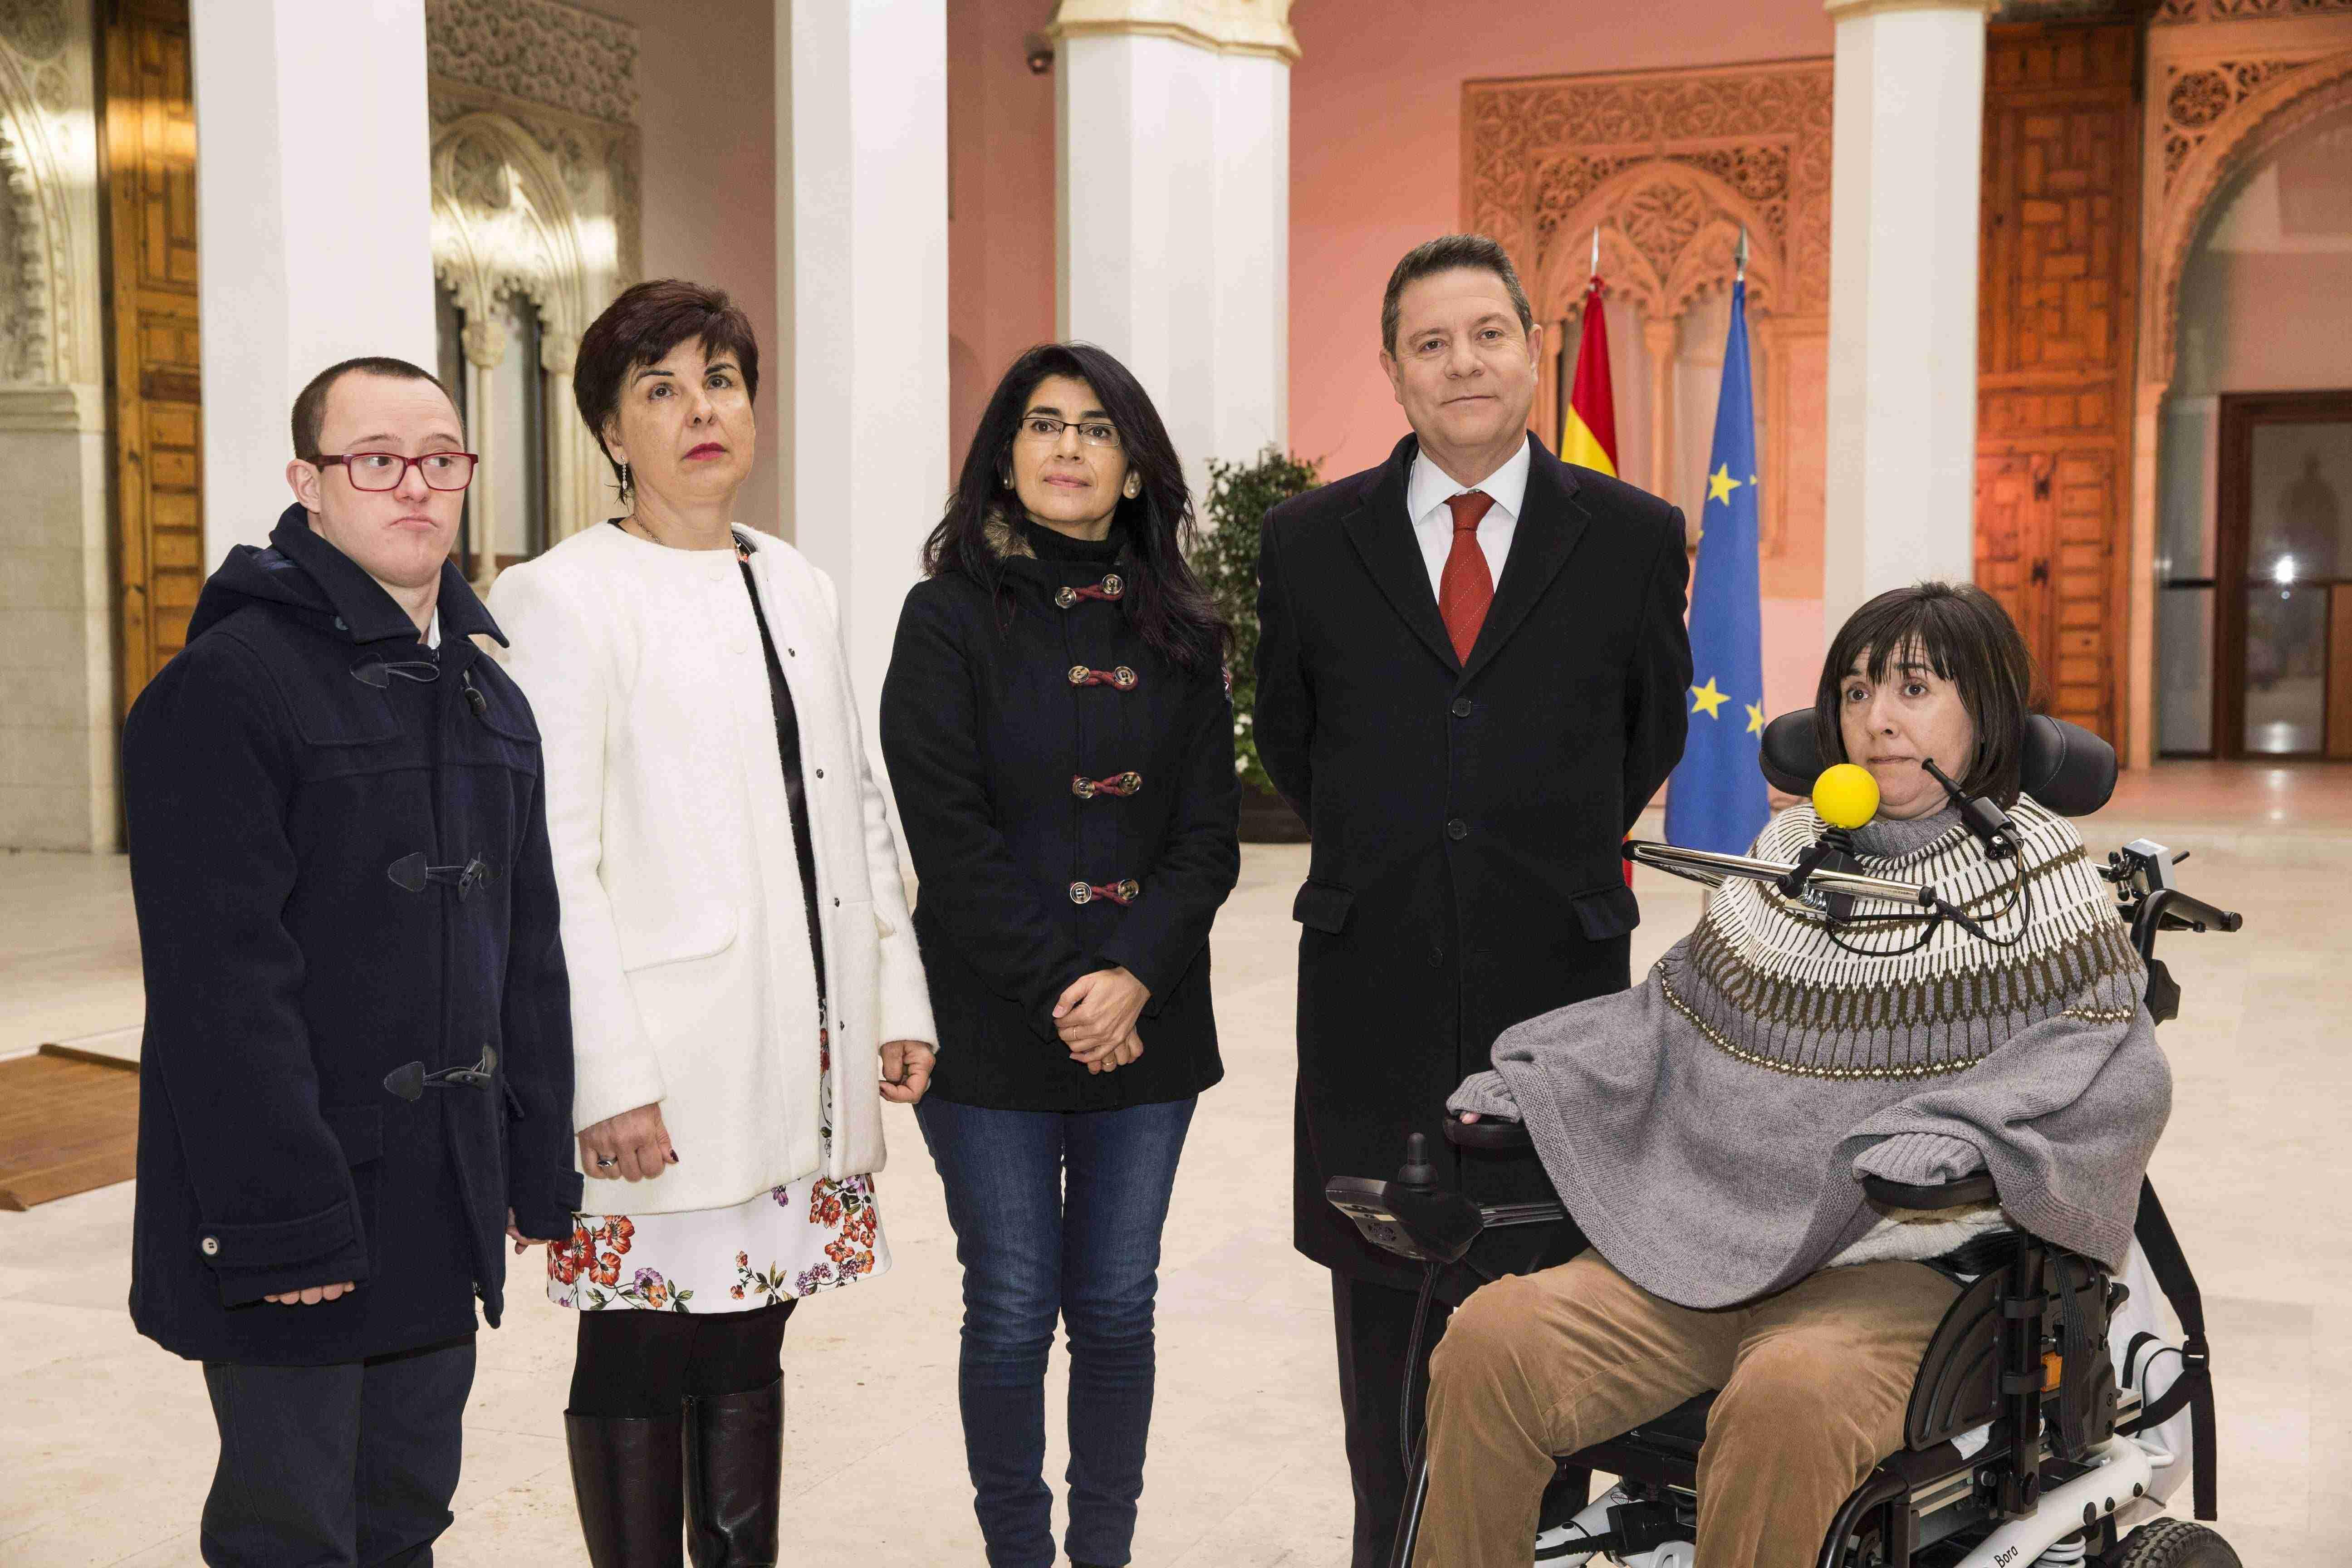 Mensaje de Año Nuevo del presidente de Castilla-La Mancha 19